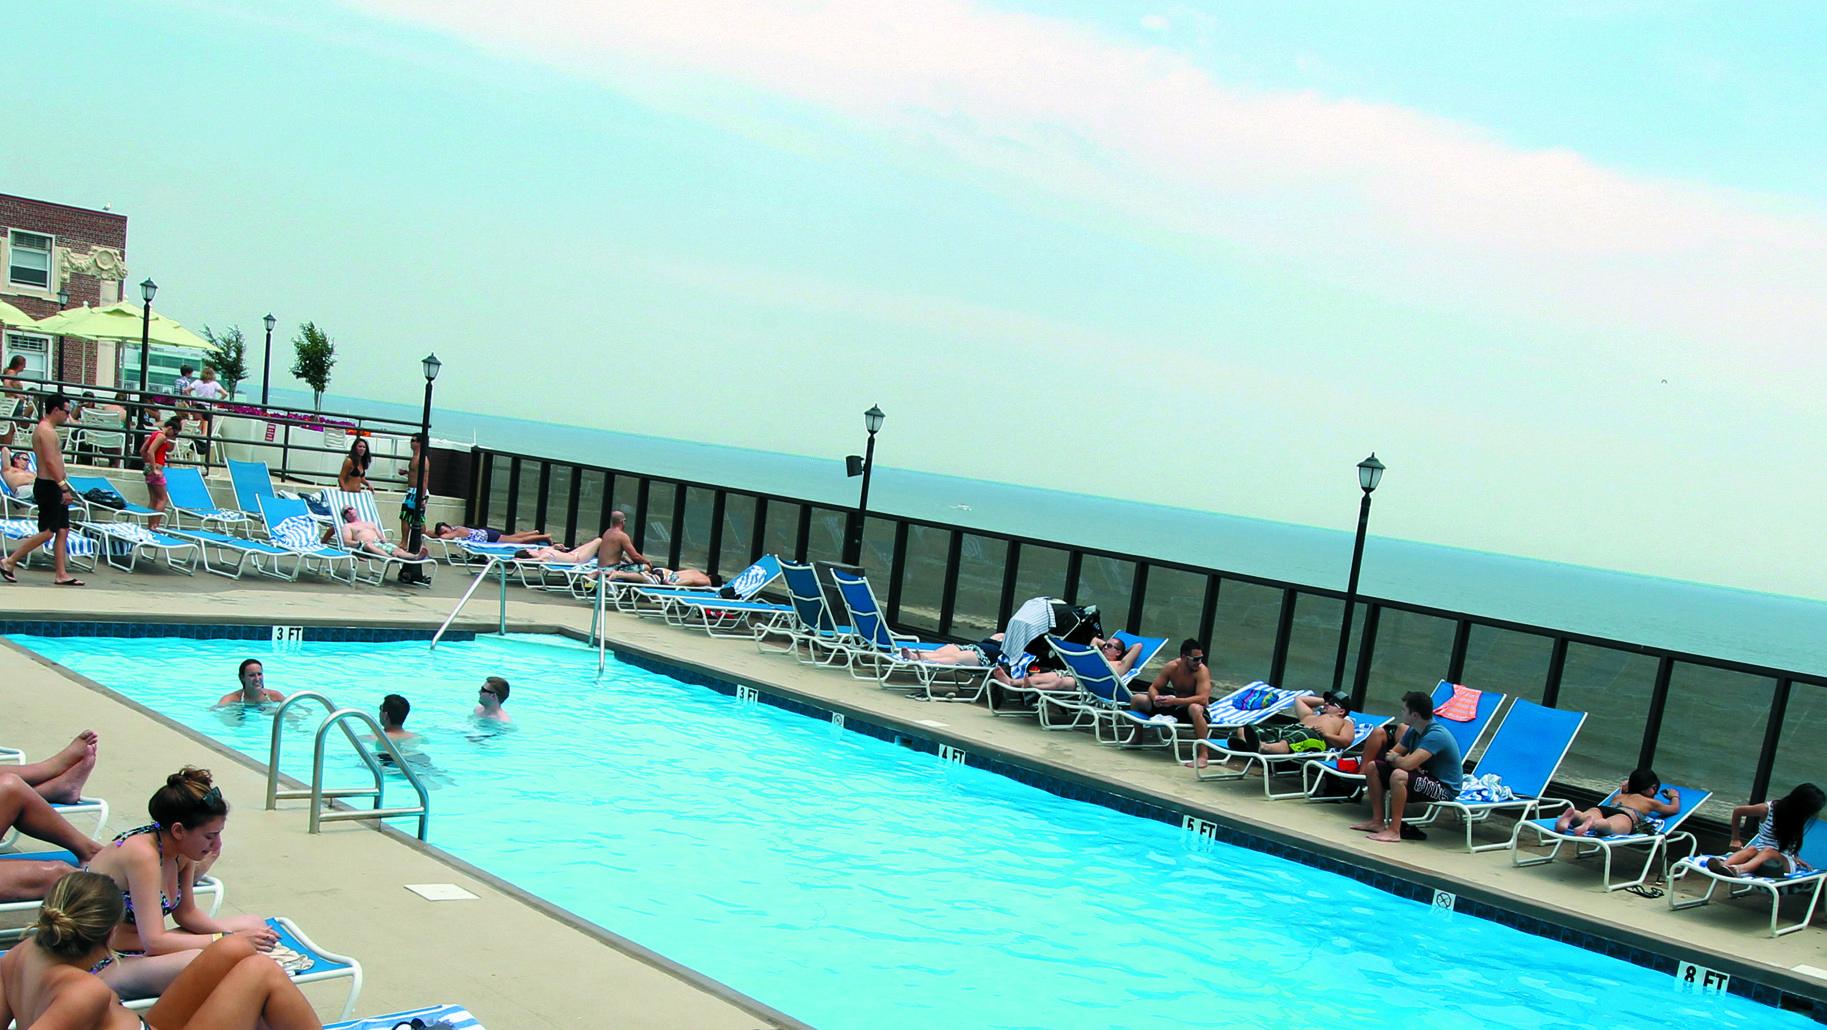 outdoor pool at tropicana atlantic city tropicana hotel. Black Bedroom Furniture Sets. Home Design Ideas